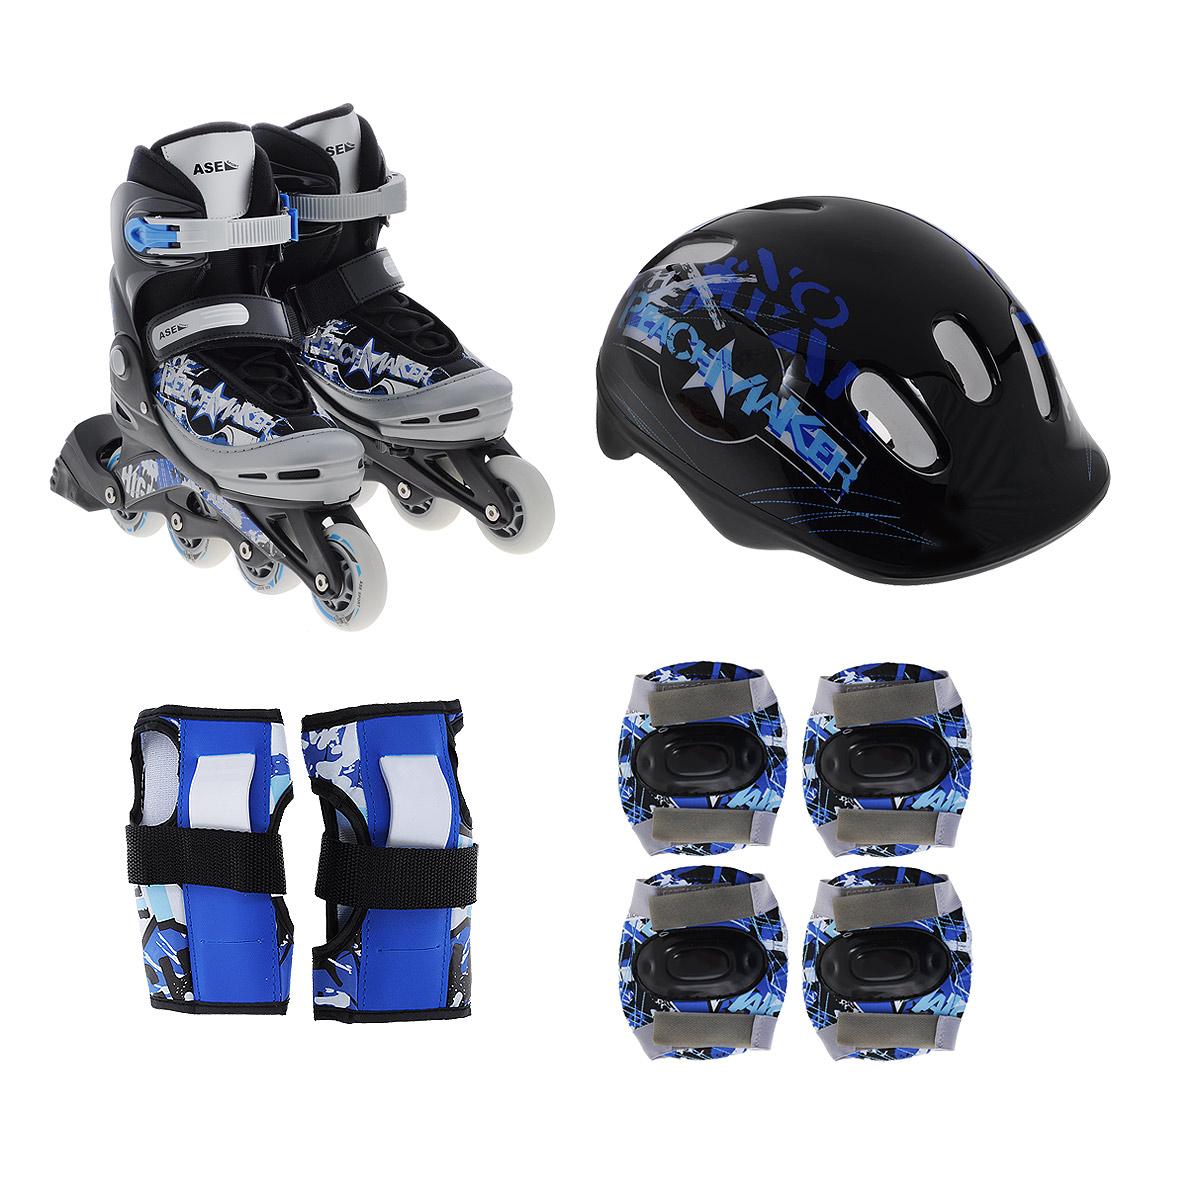 Комплект Ase-Sport Combo: коньки роликовые, шлем, защита, цвет: синий. ASE-617M. Размер XS (26/29)COMBO ASE-617MКомплектуются роликовыми коньками ASE-617. Конструкция: верх сапожка изготовлен из современного синтетического материала, стойкого к внешним воздействиям. Внутри сапожка отделка сделана из синтетического материала с мягкой подкладкой в боковых частях для более удобной и надежной фиксации ноги во время катания. Застежка типа AUTO LOCK удобно регулируется на нужный размер. Система изменения размера корпуса проста в использовании, позволяет быстро и комфортно подогнать сапожок под ногу. ы Корпус роликов изготовлен из прочного пластика, стойкого к механическим нагрузкам и внешним воздействиям окружающей среды. Интегрированная в корпус рама (единая конструкция) дает дополнительную прочность корпусу, исключая риск поломки при механических нагрузках, а также эффективно гасит вибрацию во время катания. Стельки сделаны из специального вспененного материала, который удобно повторяет анатомическое строение стопы ноги и дополнительно поглощает вибрацию. Шнуровка коньков:...